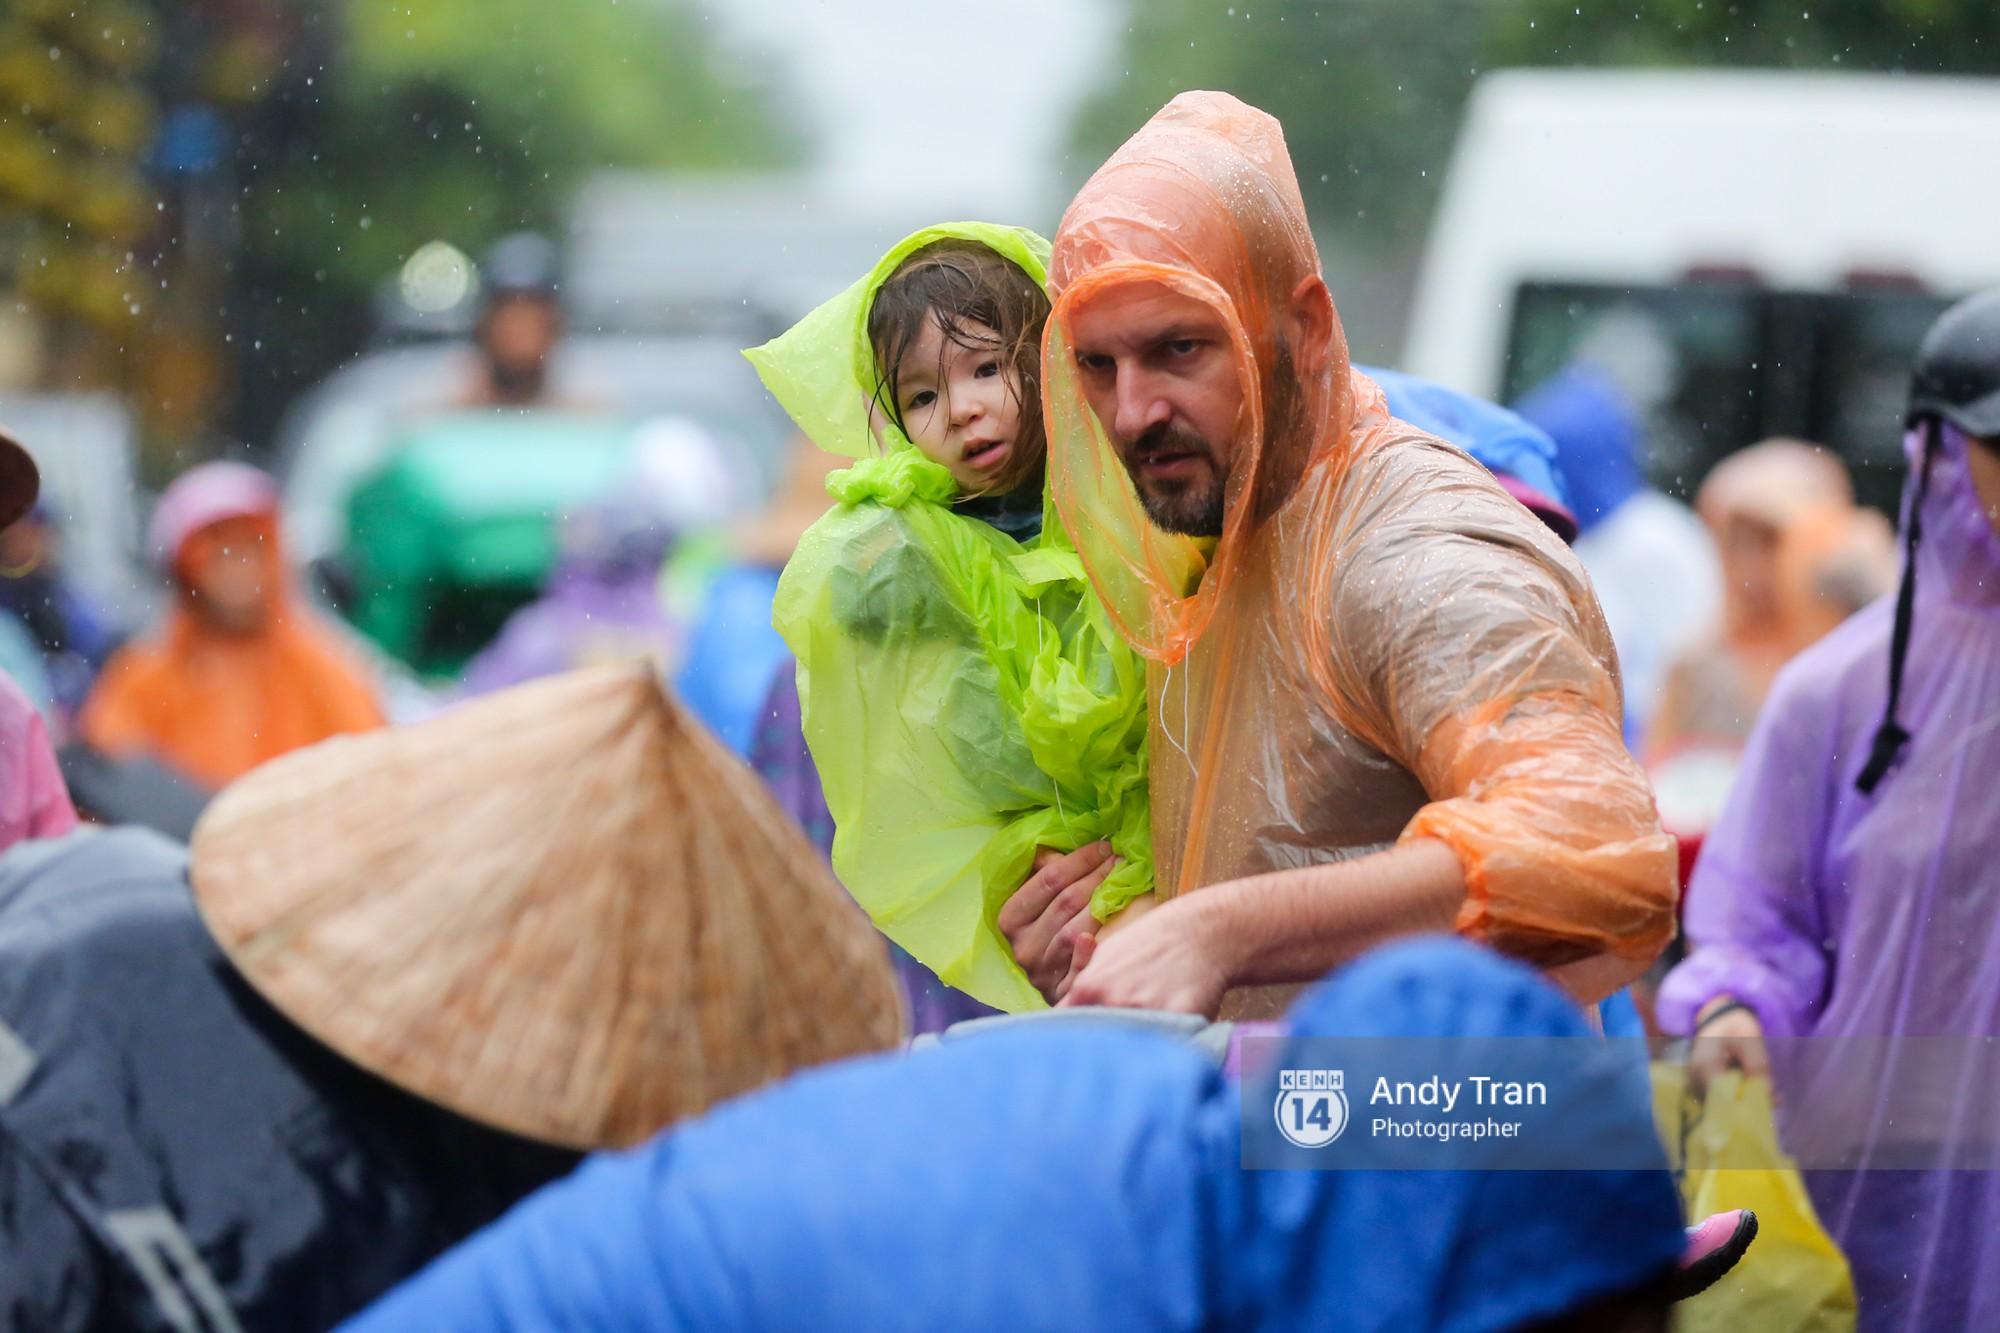 Chùm ảnh: Hội An nước ngập thành sông do ảnh hưởng của bão, người dân và du khách chật vật dùng thuyền bè di chuyển - Ảnh 21.